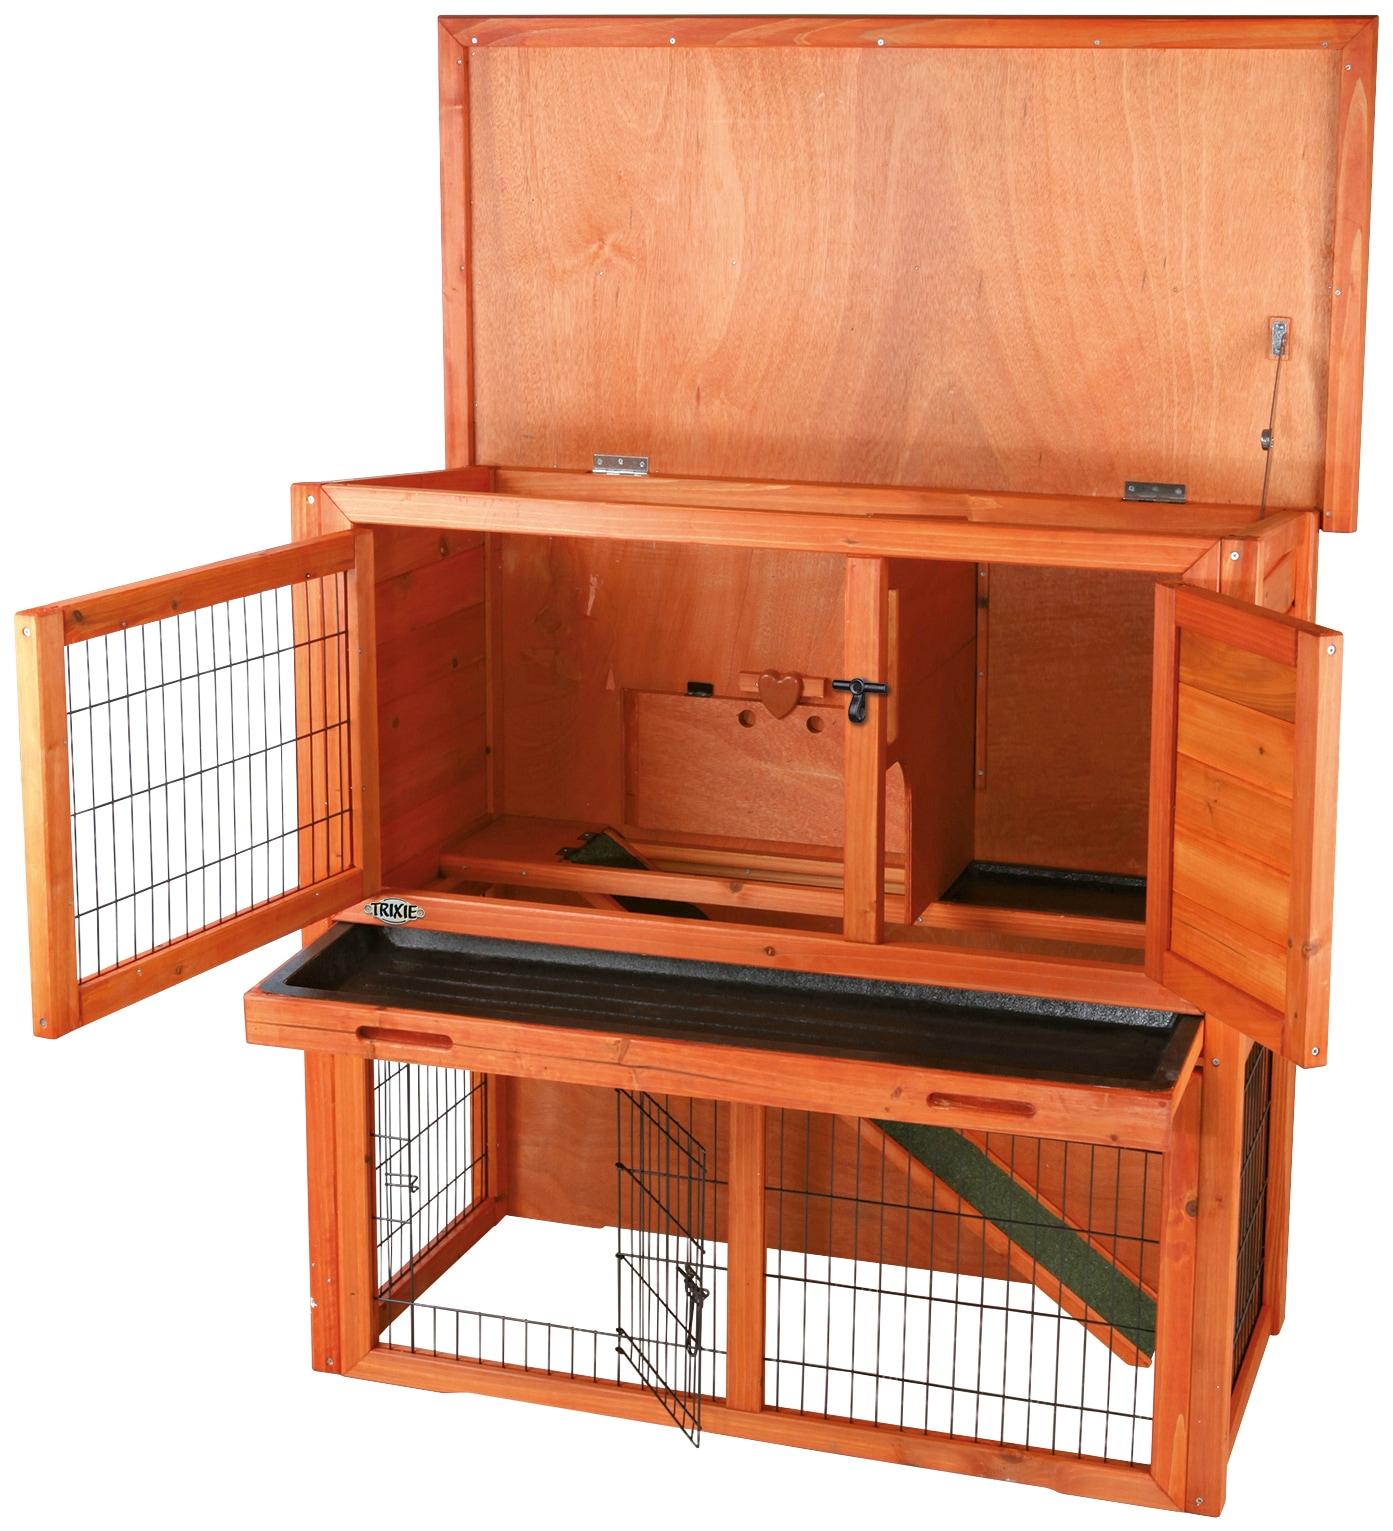 trixie kleintierstall bxtxh 104x52x97 cm mit freilaufgehege zweist ckig auf rechnung baur. Black Bedroom Furniture Sets. Home Design Ideas